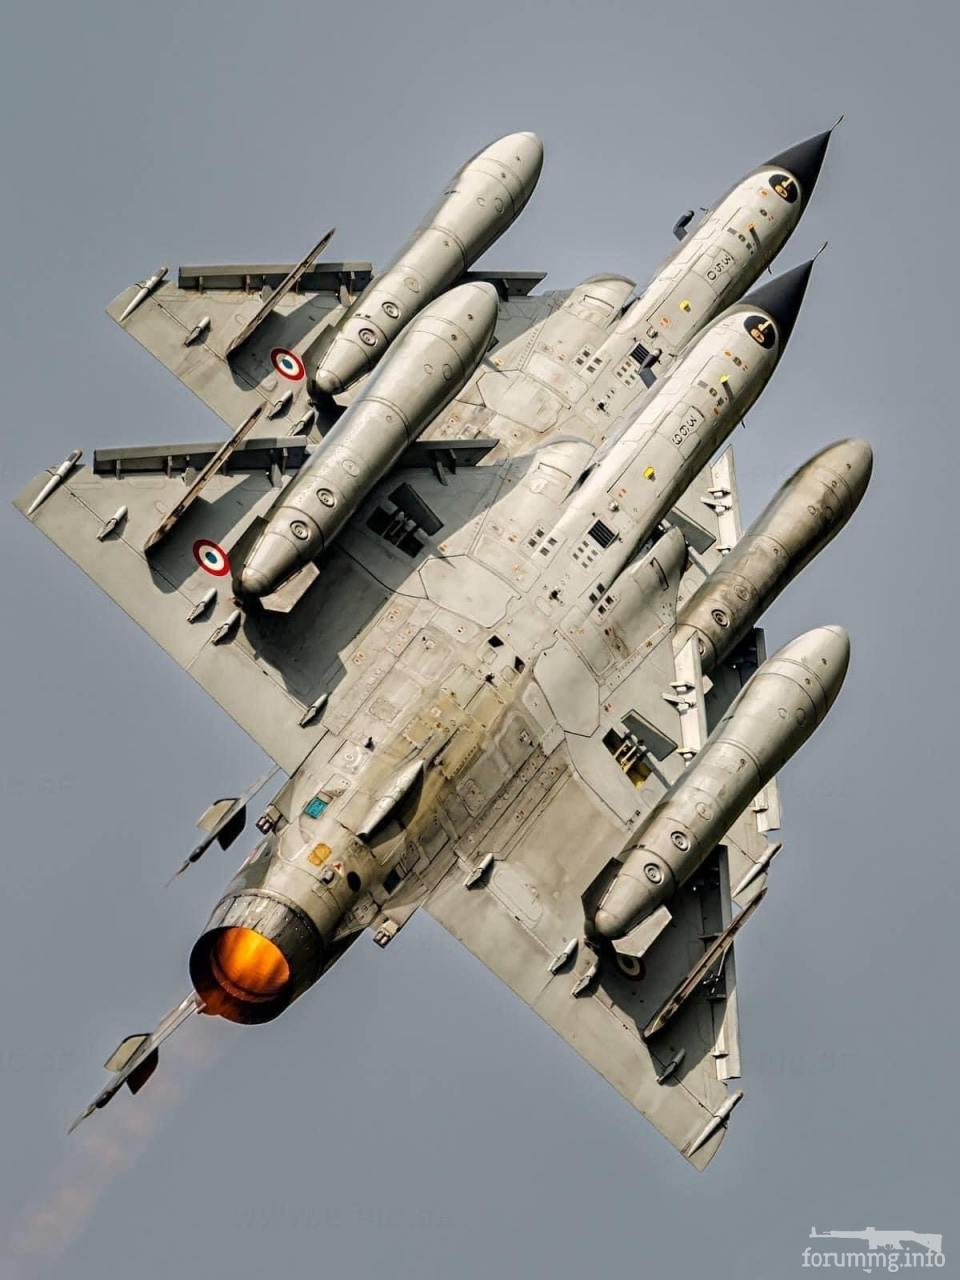 139871 - Красивые фото и видео боевых самолетов и вертолетов